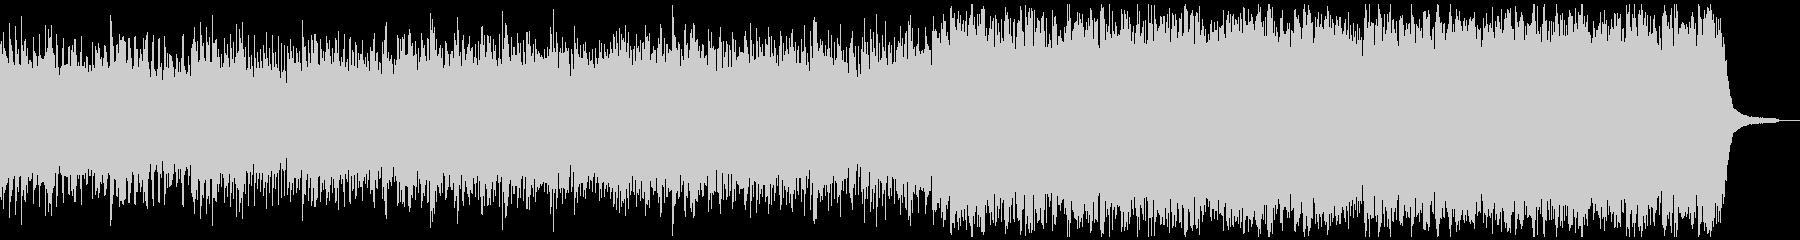 ピアノと民族コーラス 後半の弦アルペジオの未再生の波形